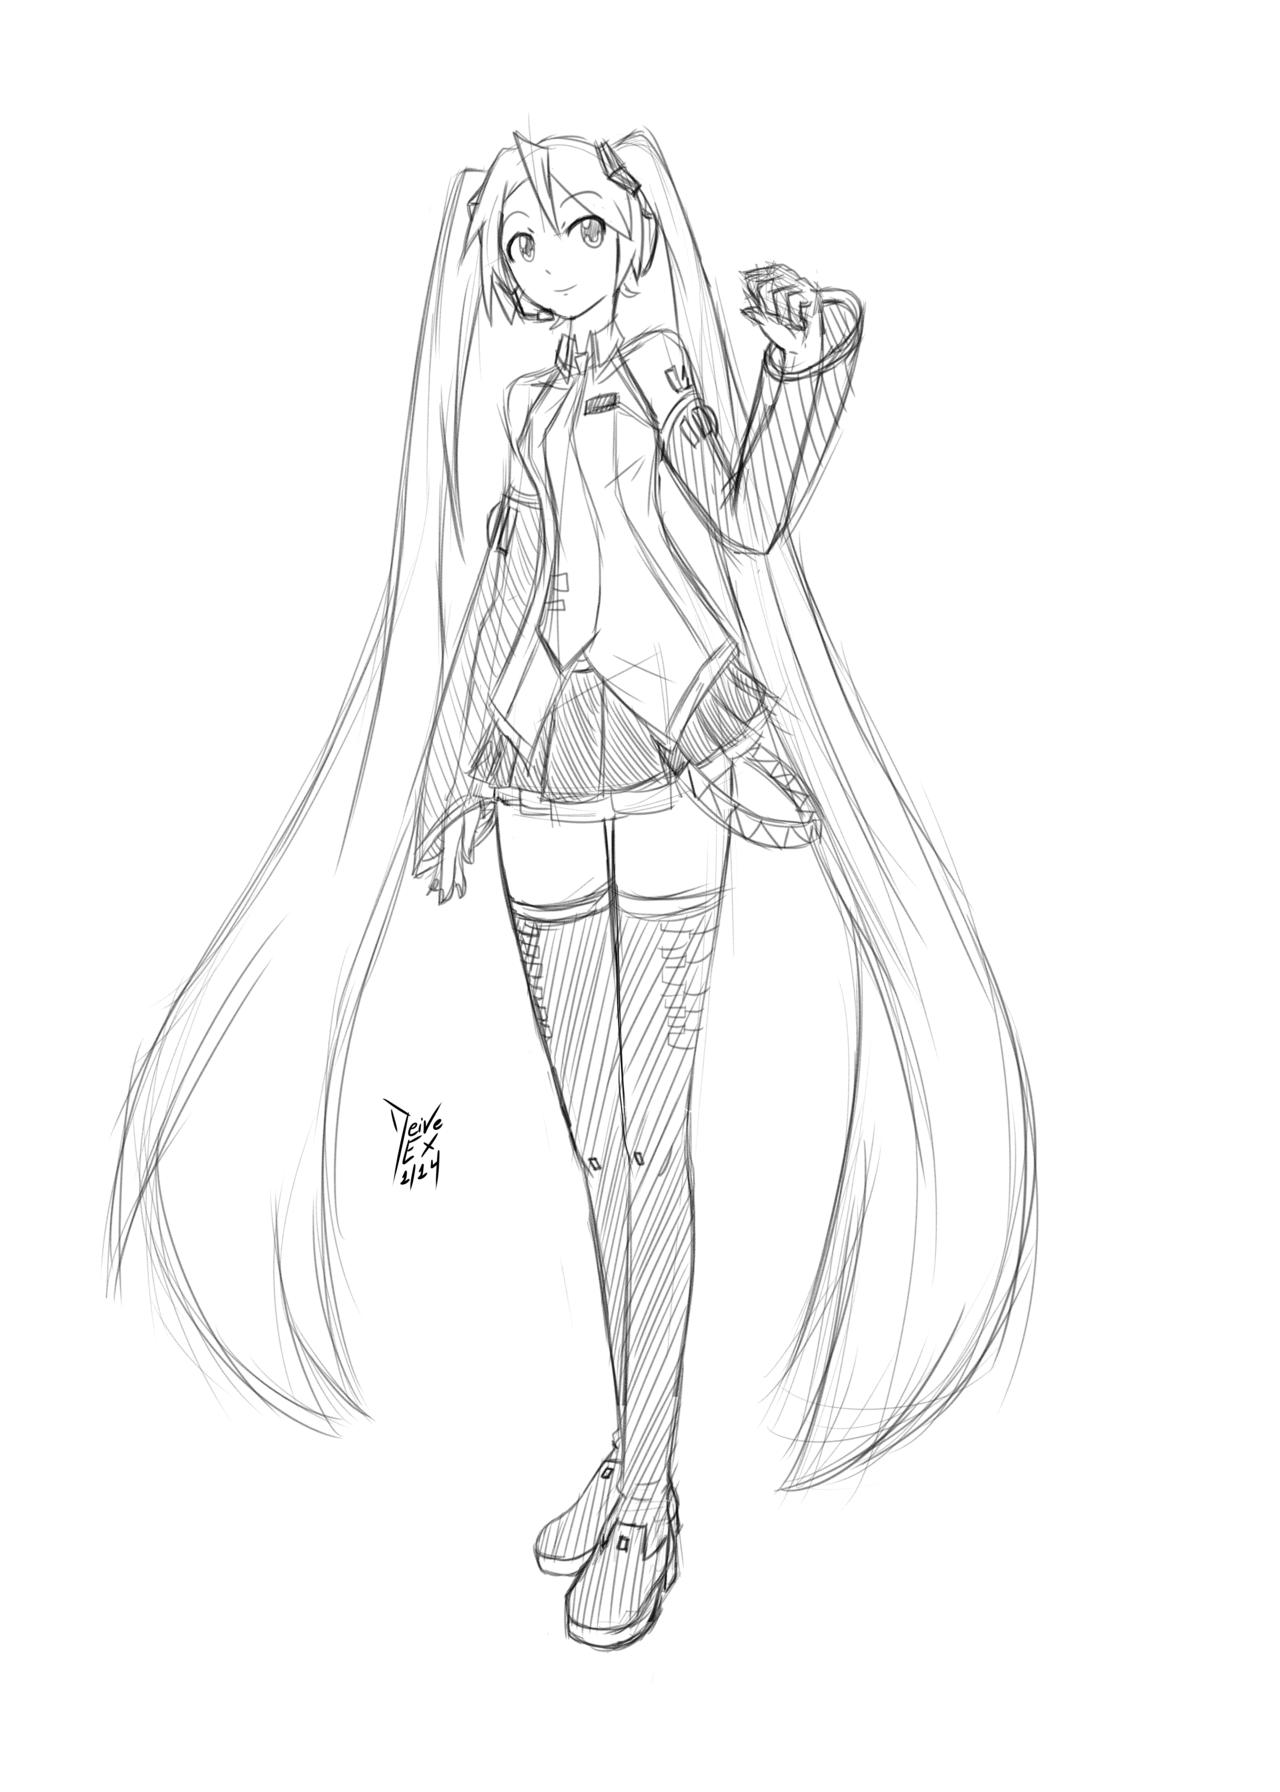 Hatsune Miku Sketch By Deiveex On Deviantart Hatsune Miku Miku Hatsune